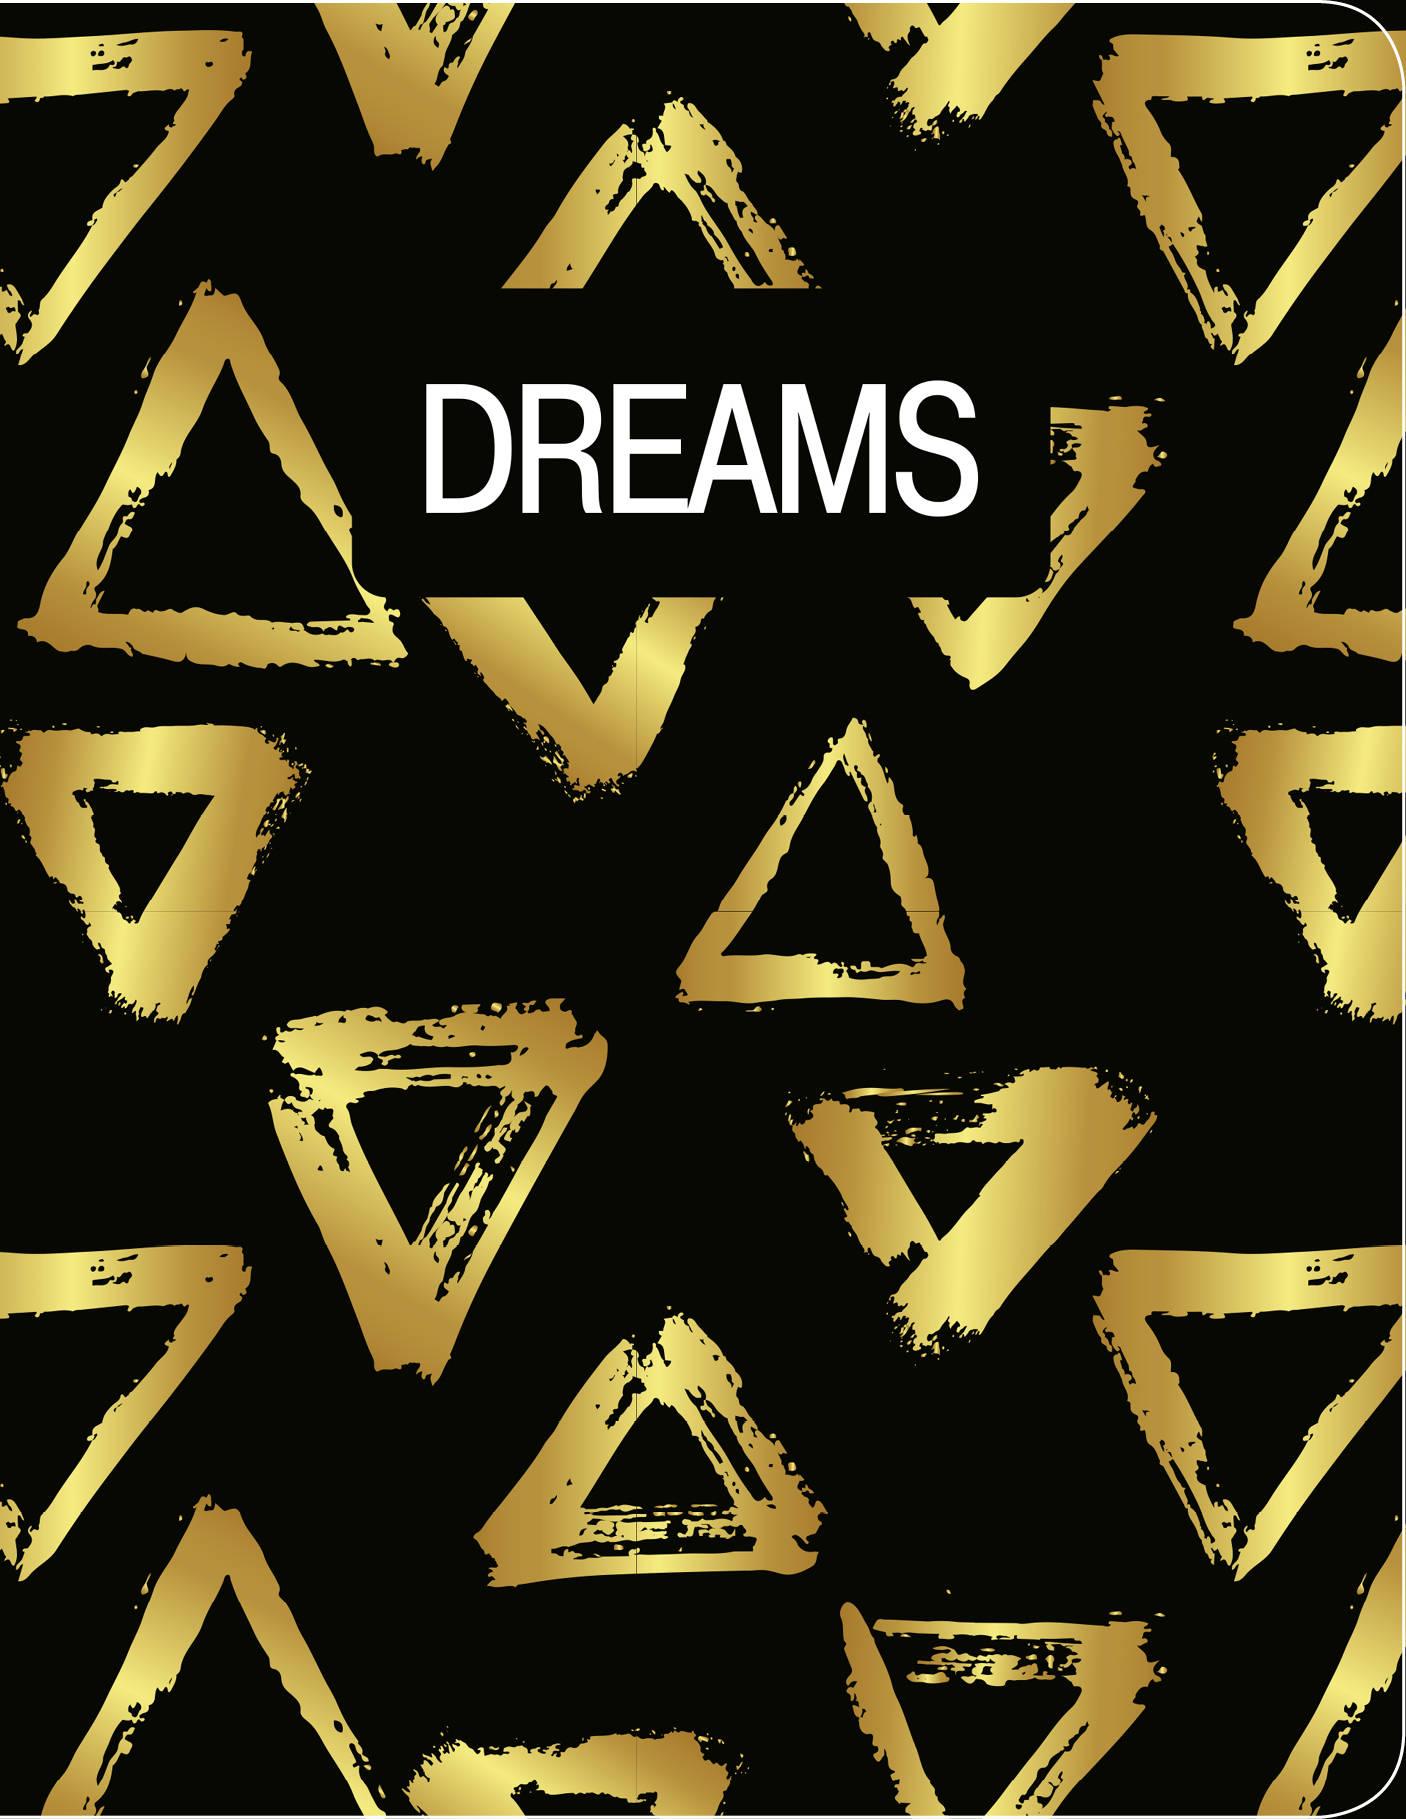 Dreams. Тетрадь студенческая (В5, зол. фольга, 40 л.)